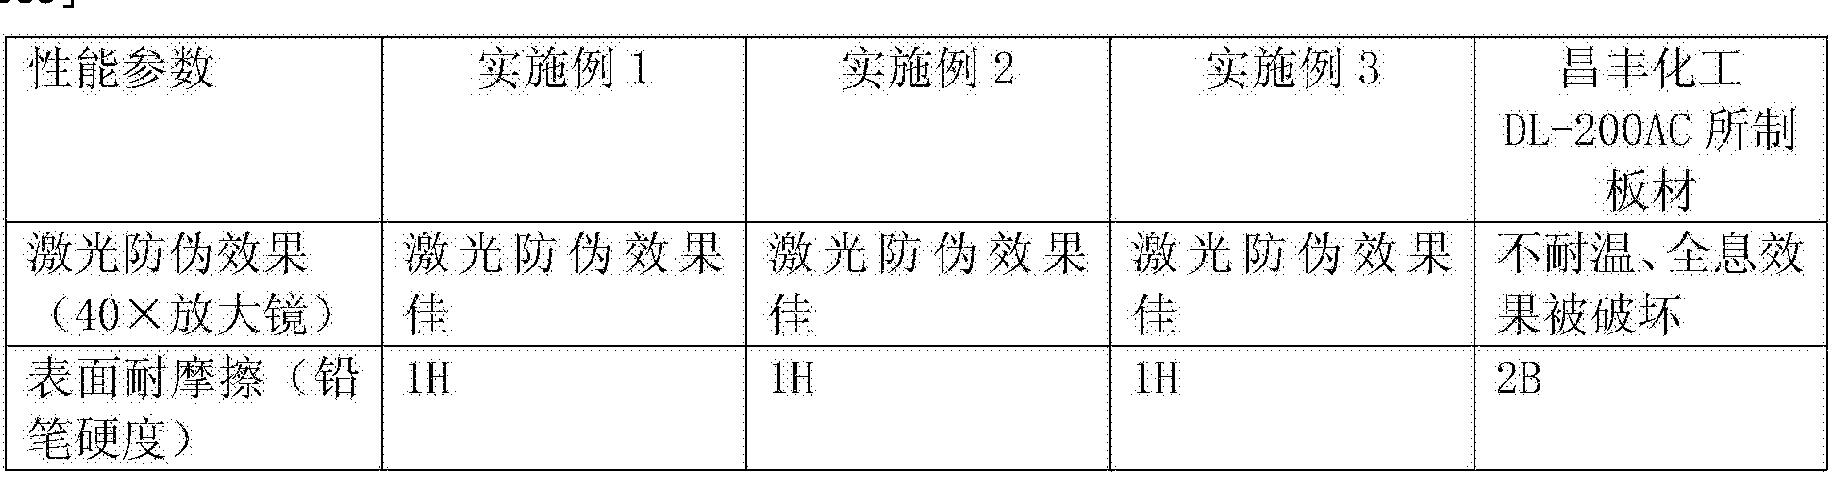 Figure CN103555113BD00072